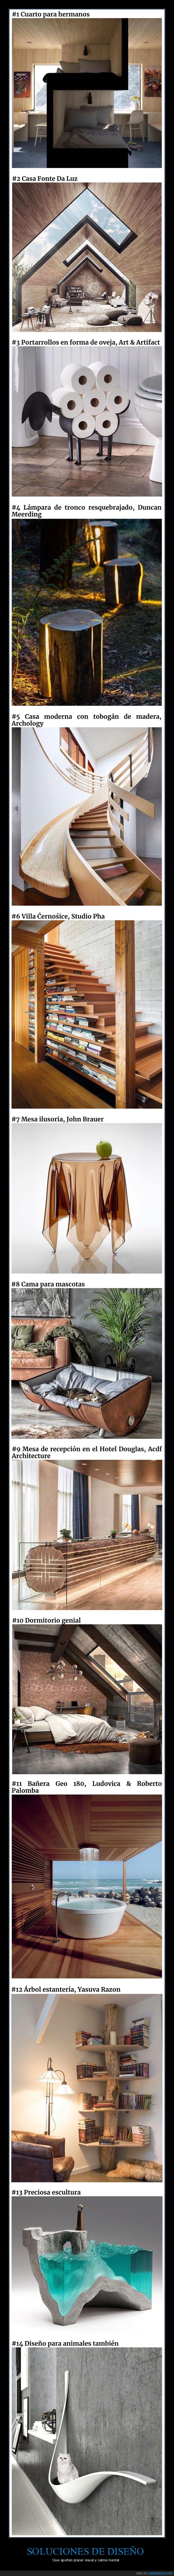 diseños,mobiliario,placer visual